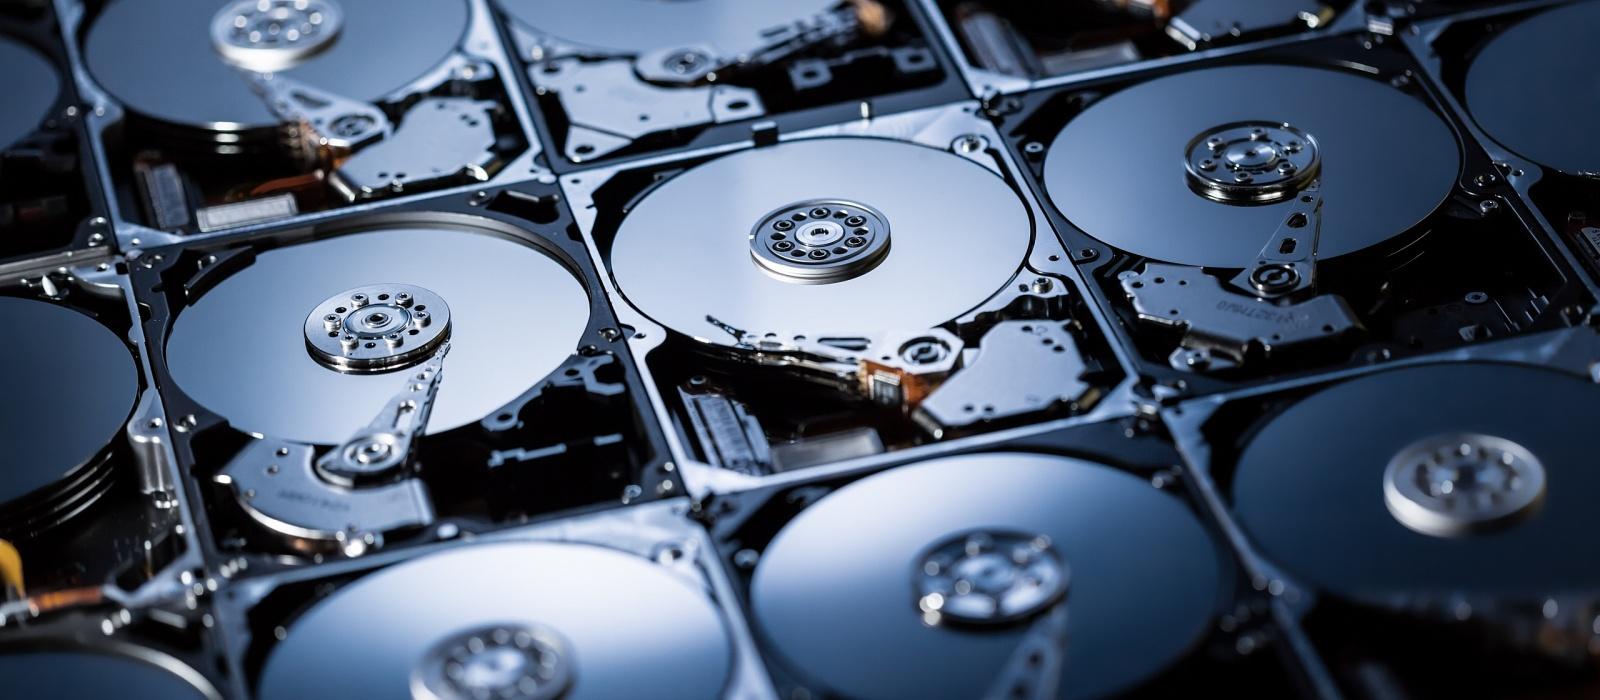 Experten geben einen Mangel an Festplatte und SSD aufgrund von Bergleuten zu